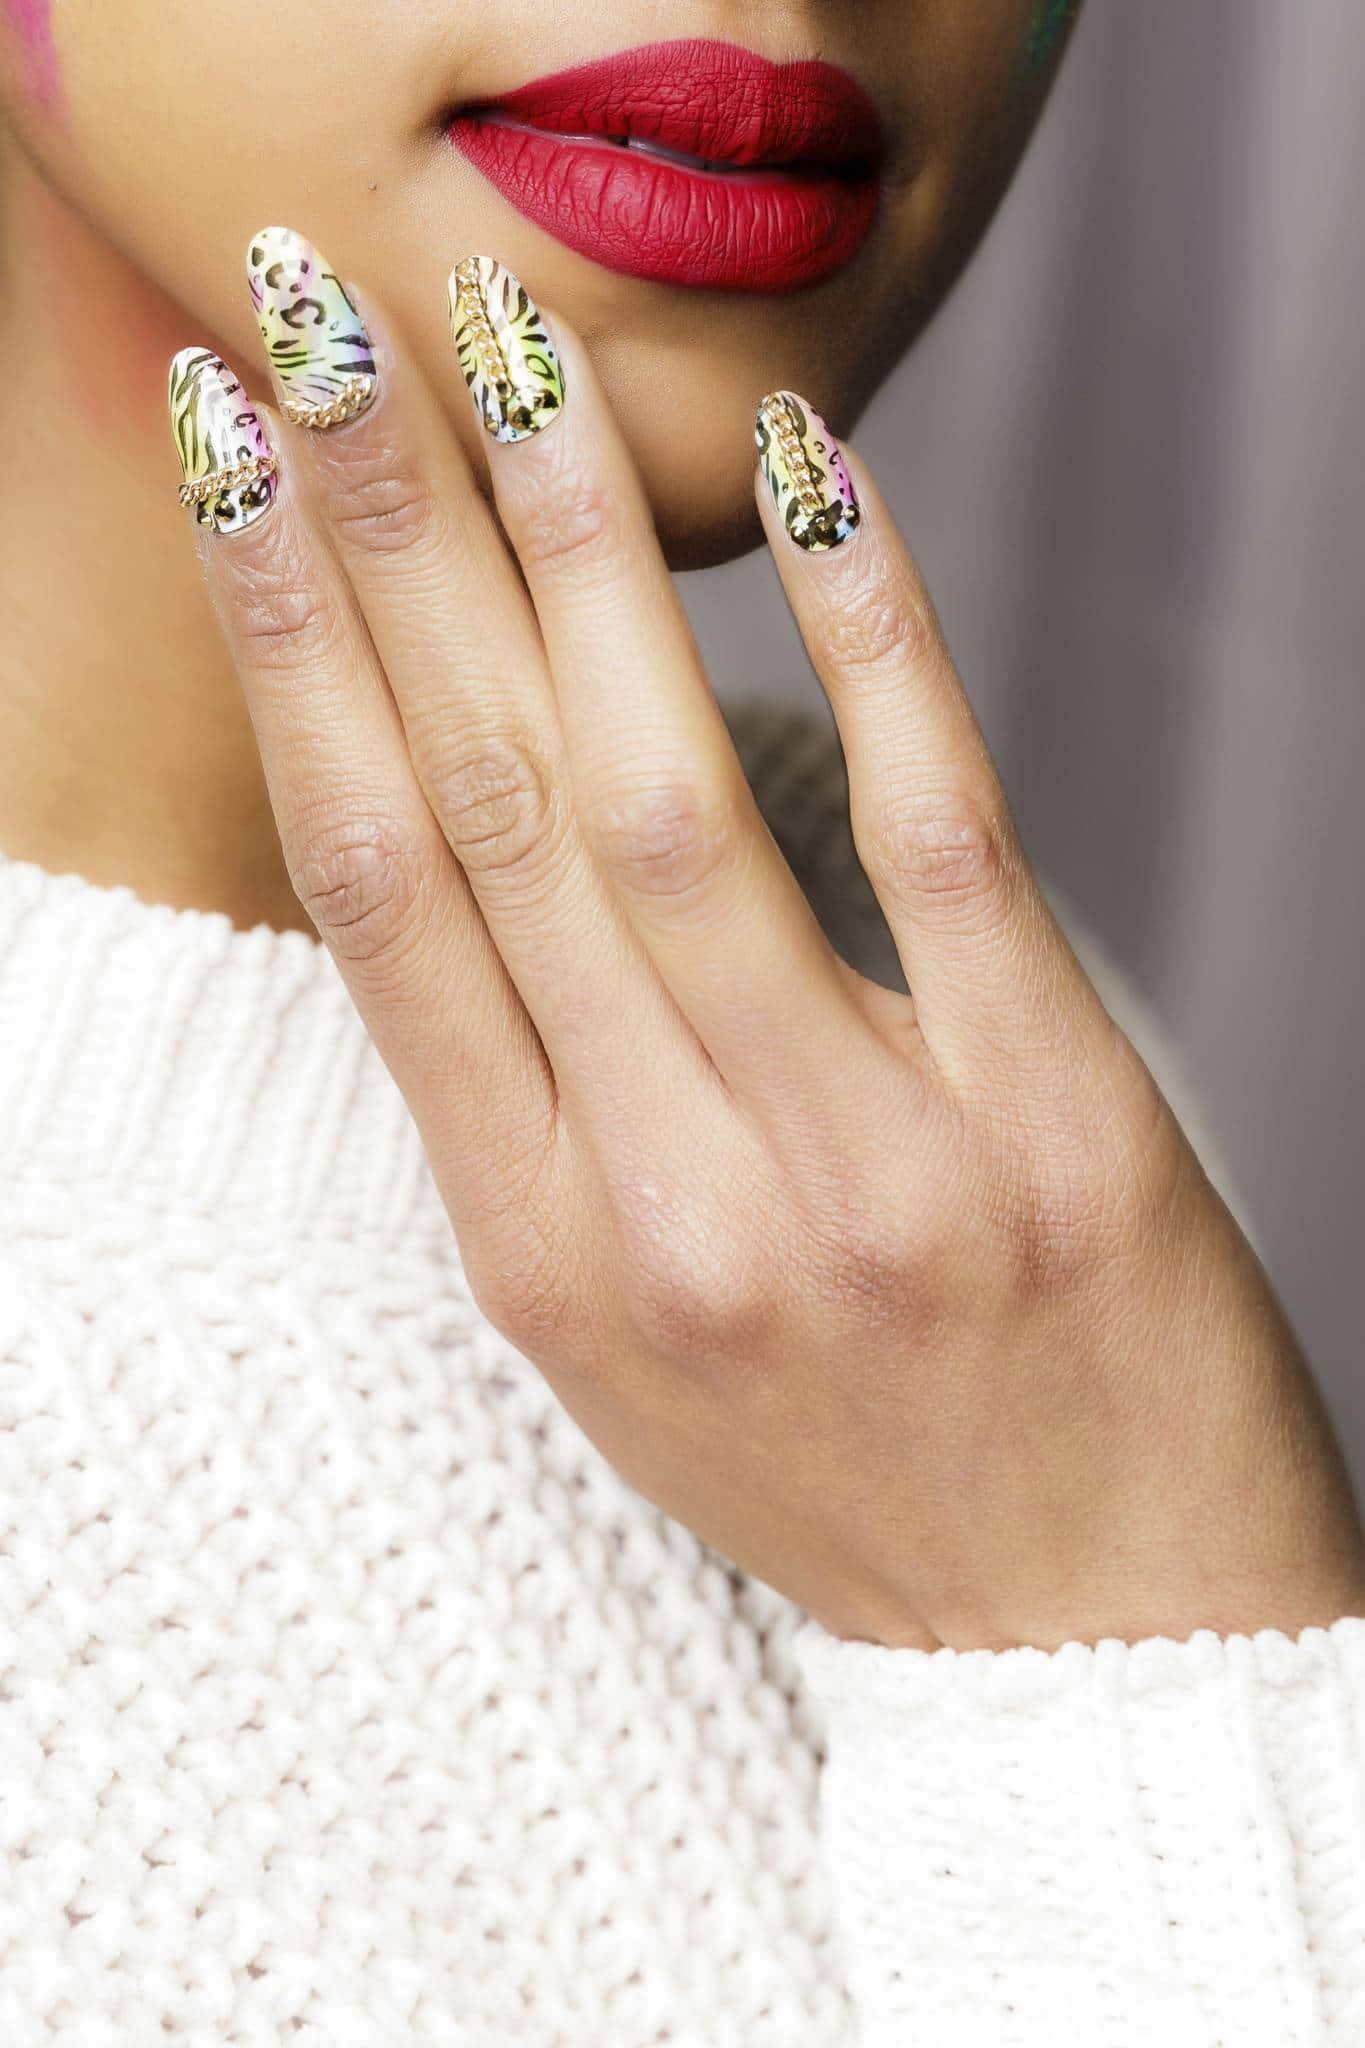 Jak zadbać o manicure w domu - piękne paznokcie krok po kroku